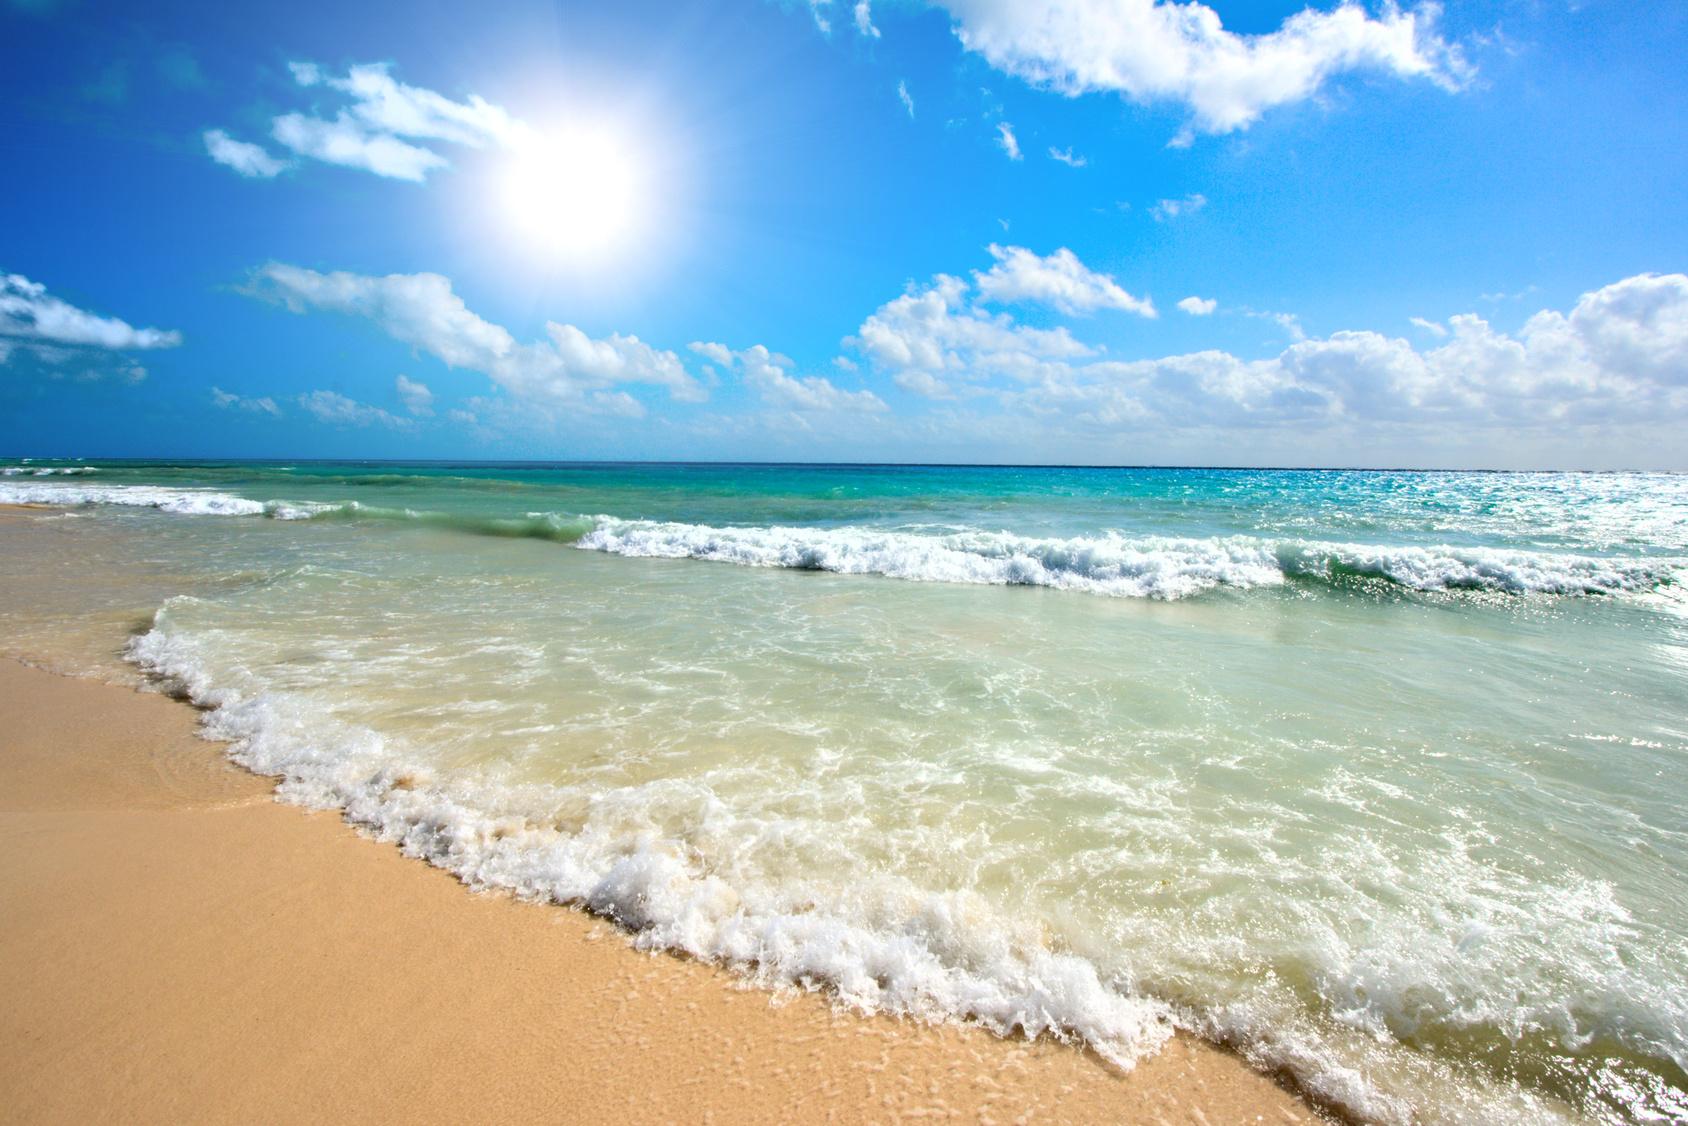 Beach.stockimage.jpg